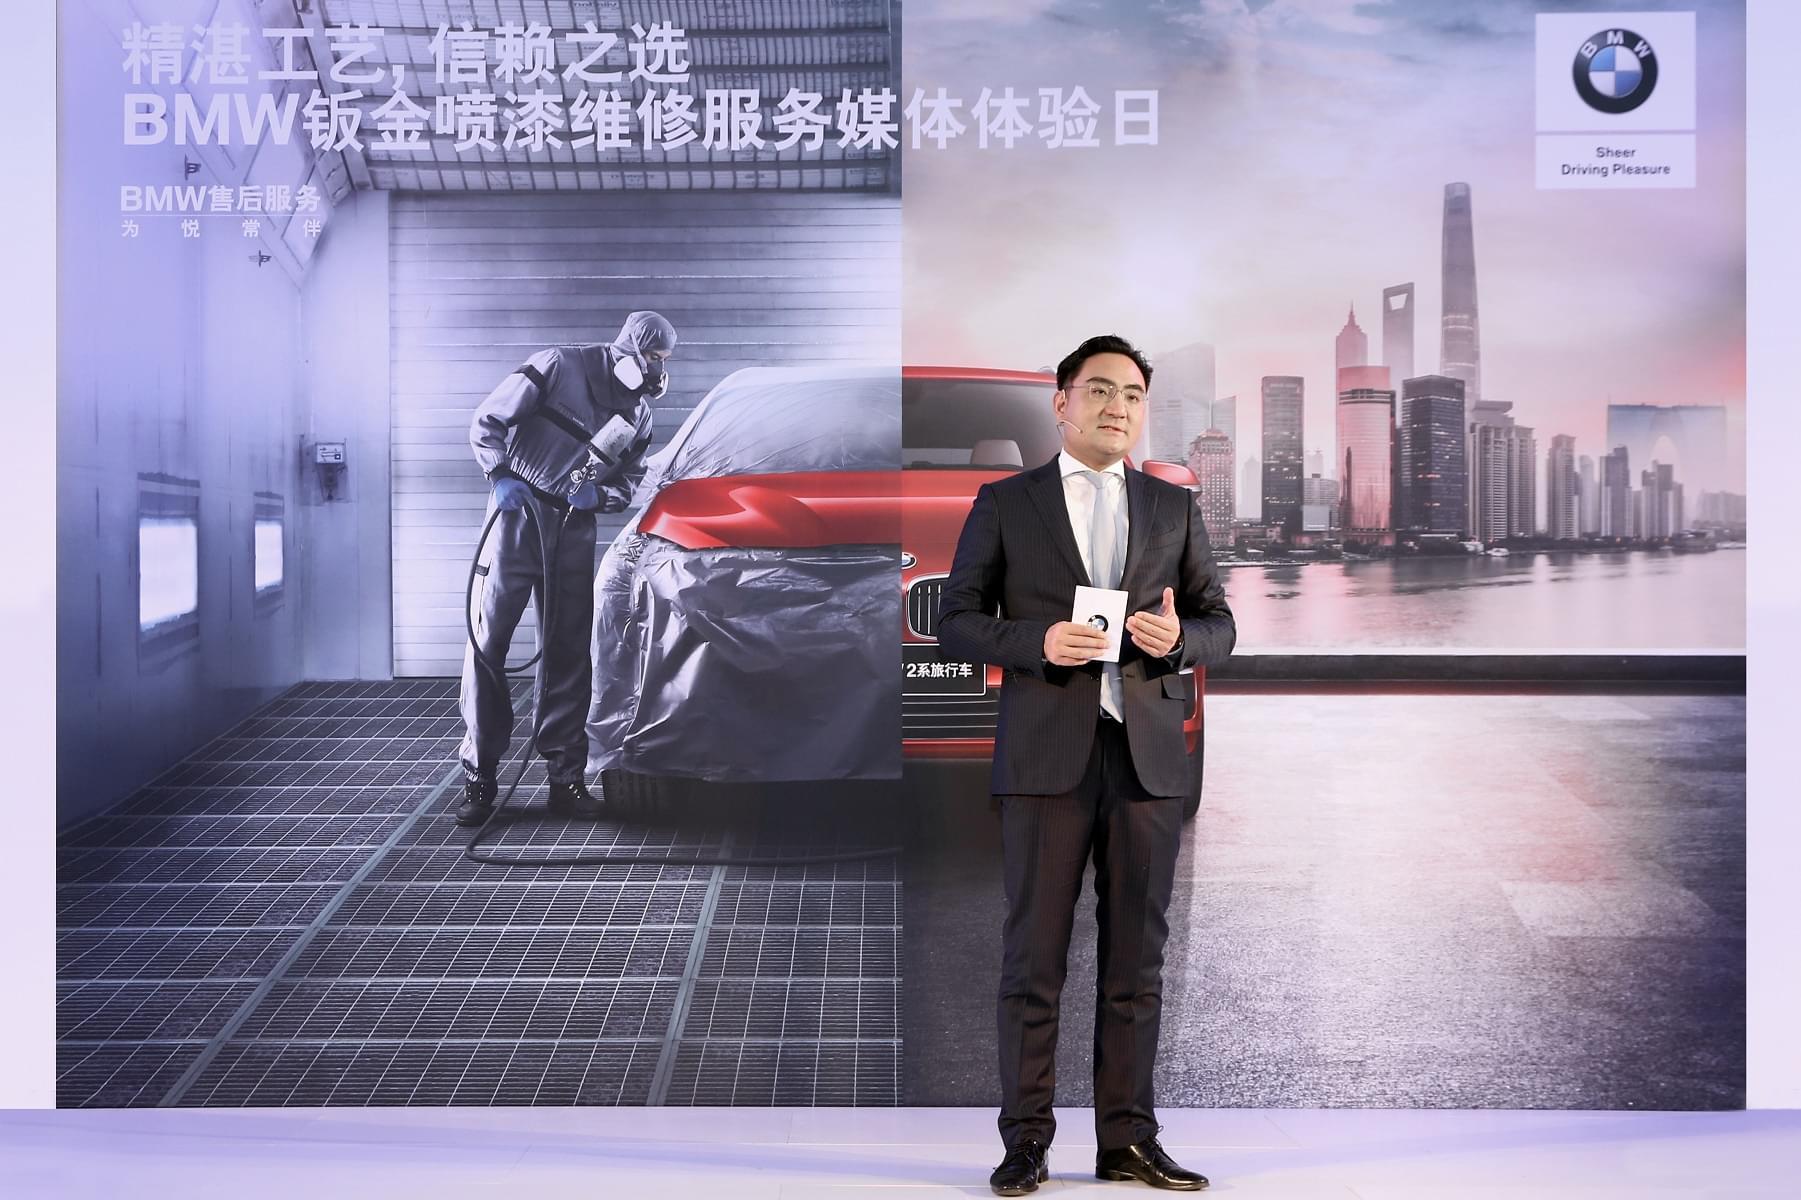 康波:持续发力售后服务 缔造宝马第三核心竞争力